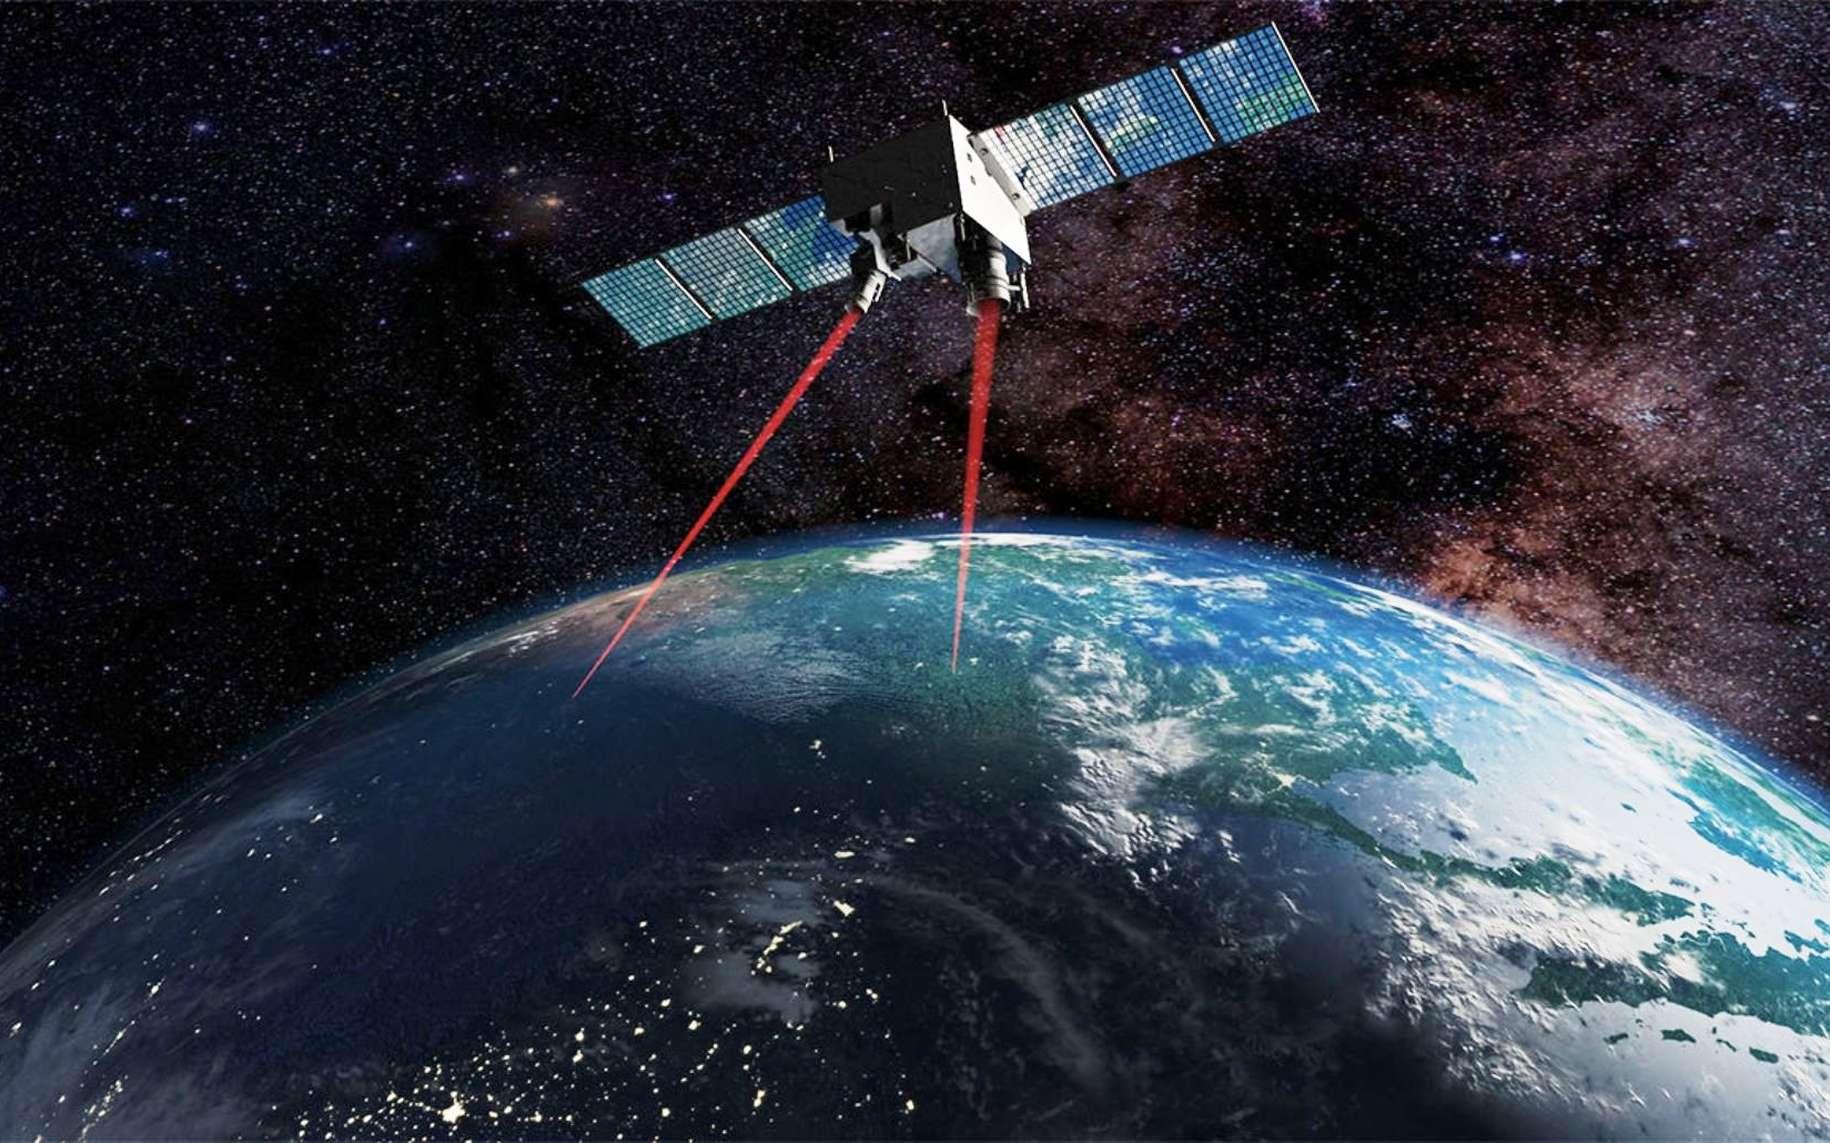 Une vue d'artiste du test de l'intrication quantique depuis l'espace. © Science Magazine